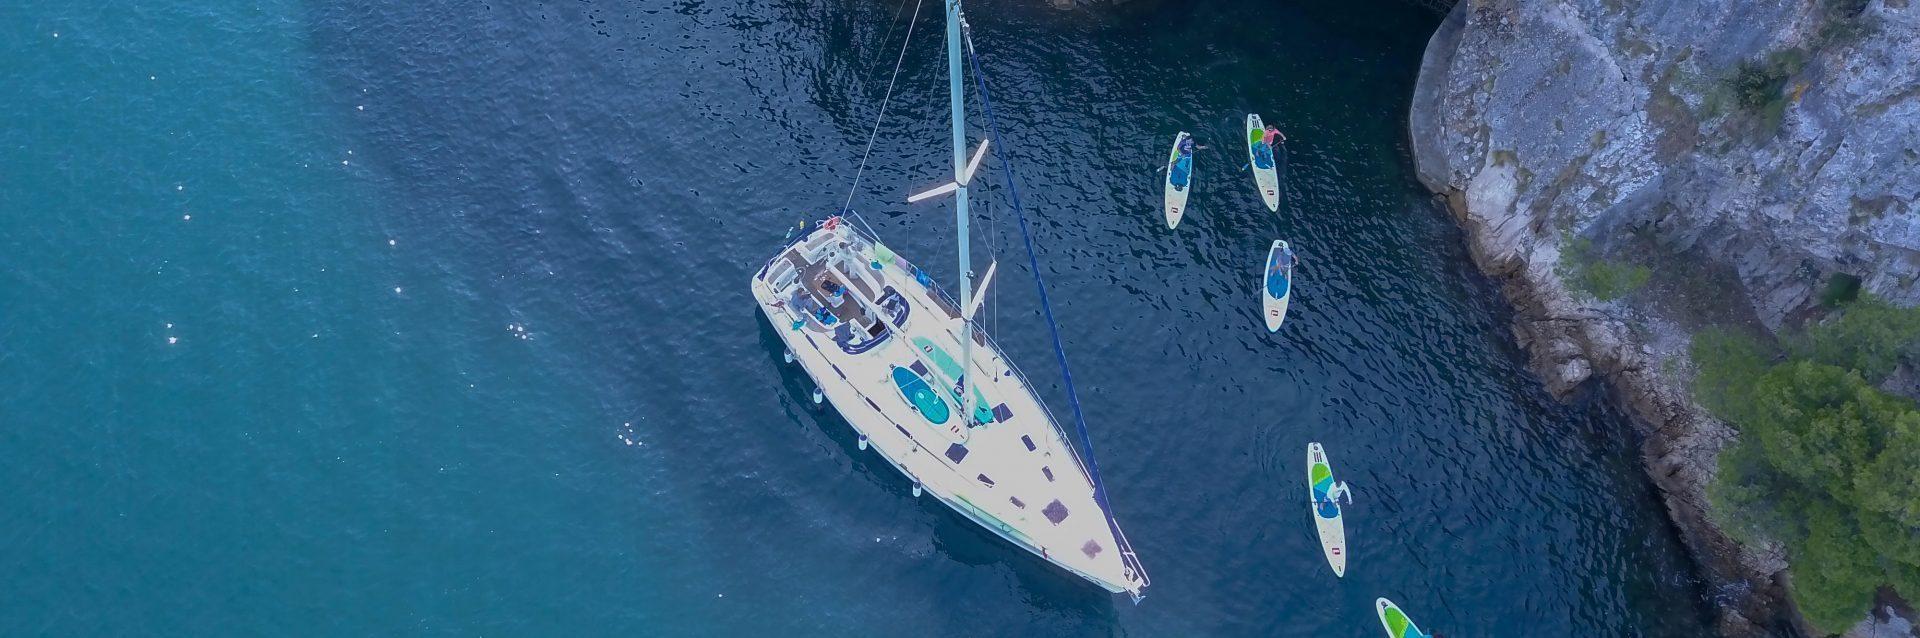 Sup and sail